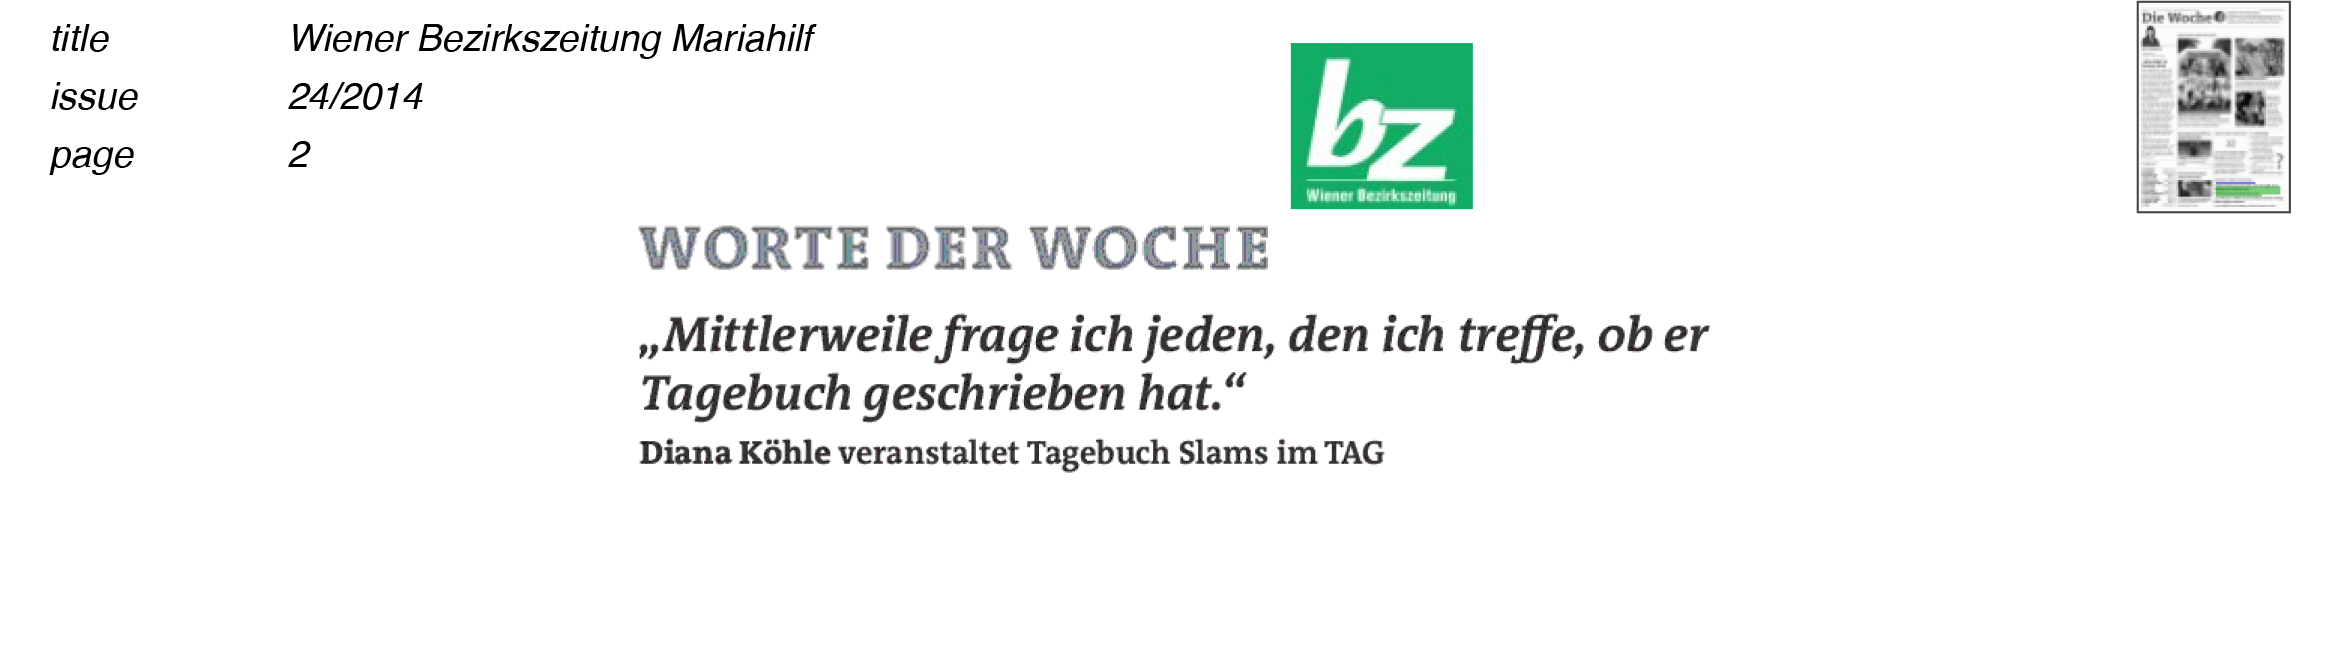 140612_Wiener Bezirkszeitung_Worte der Woche